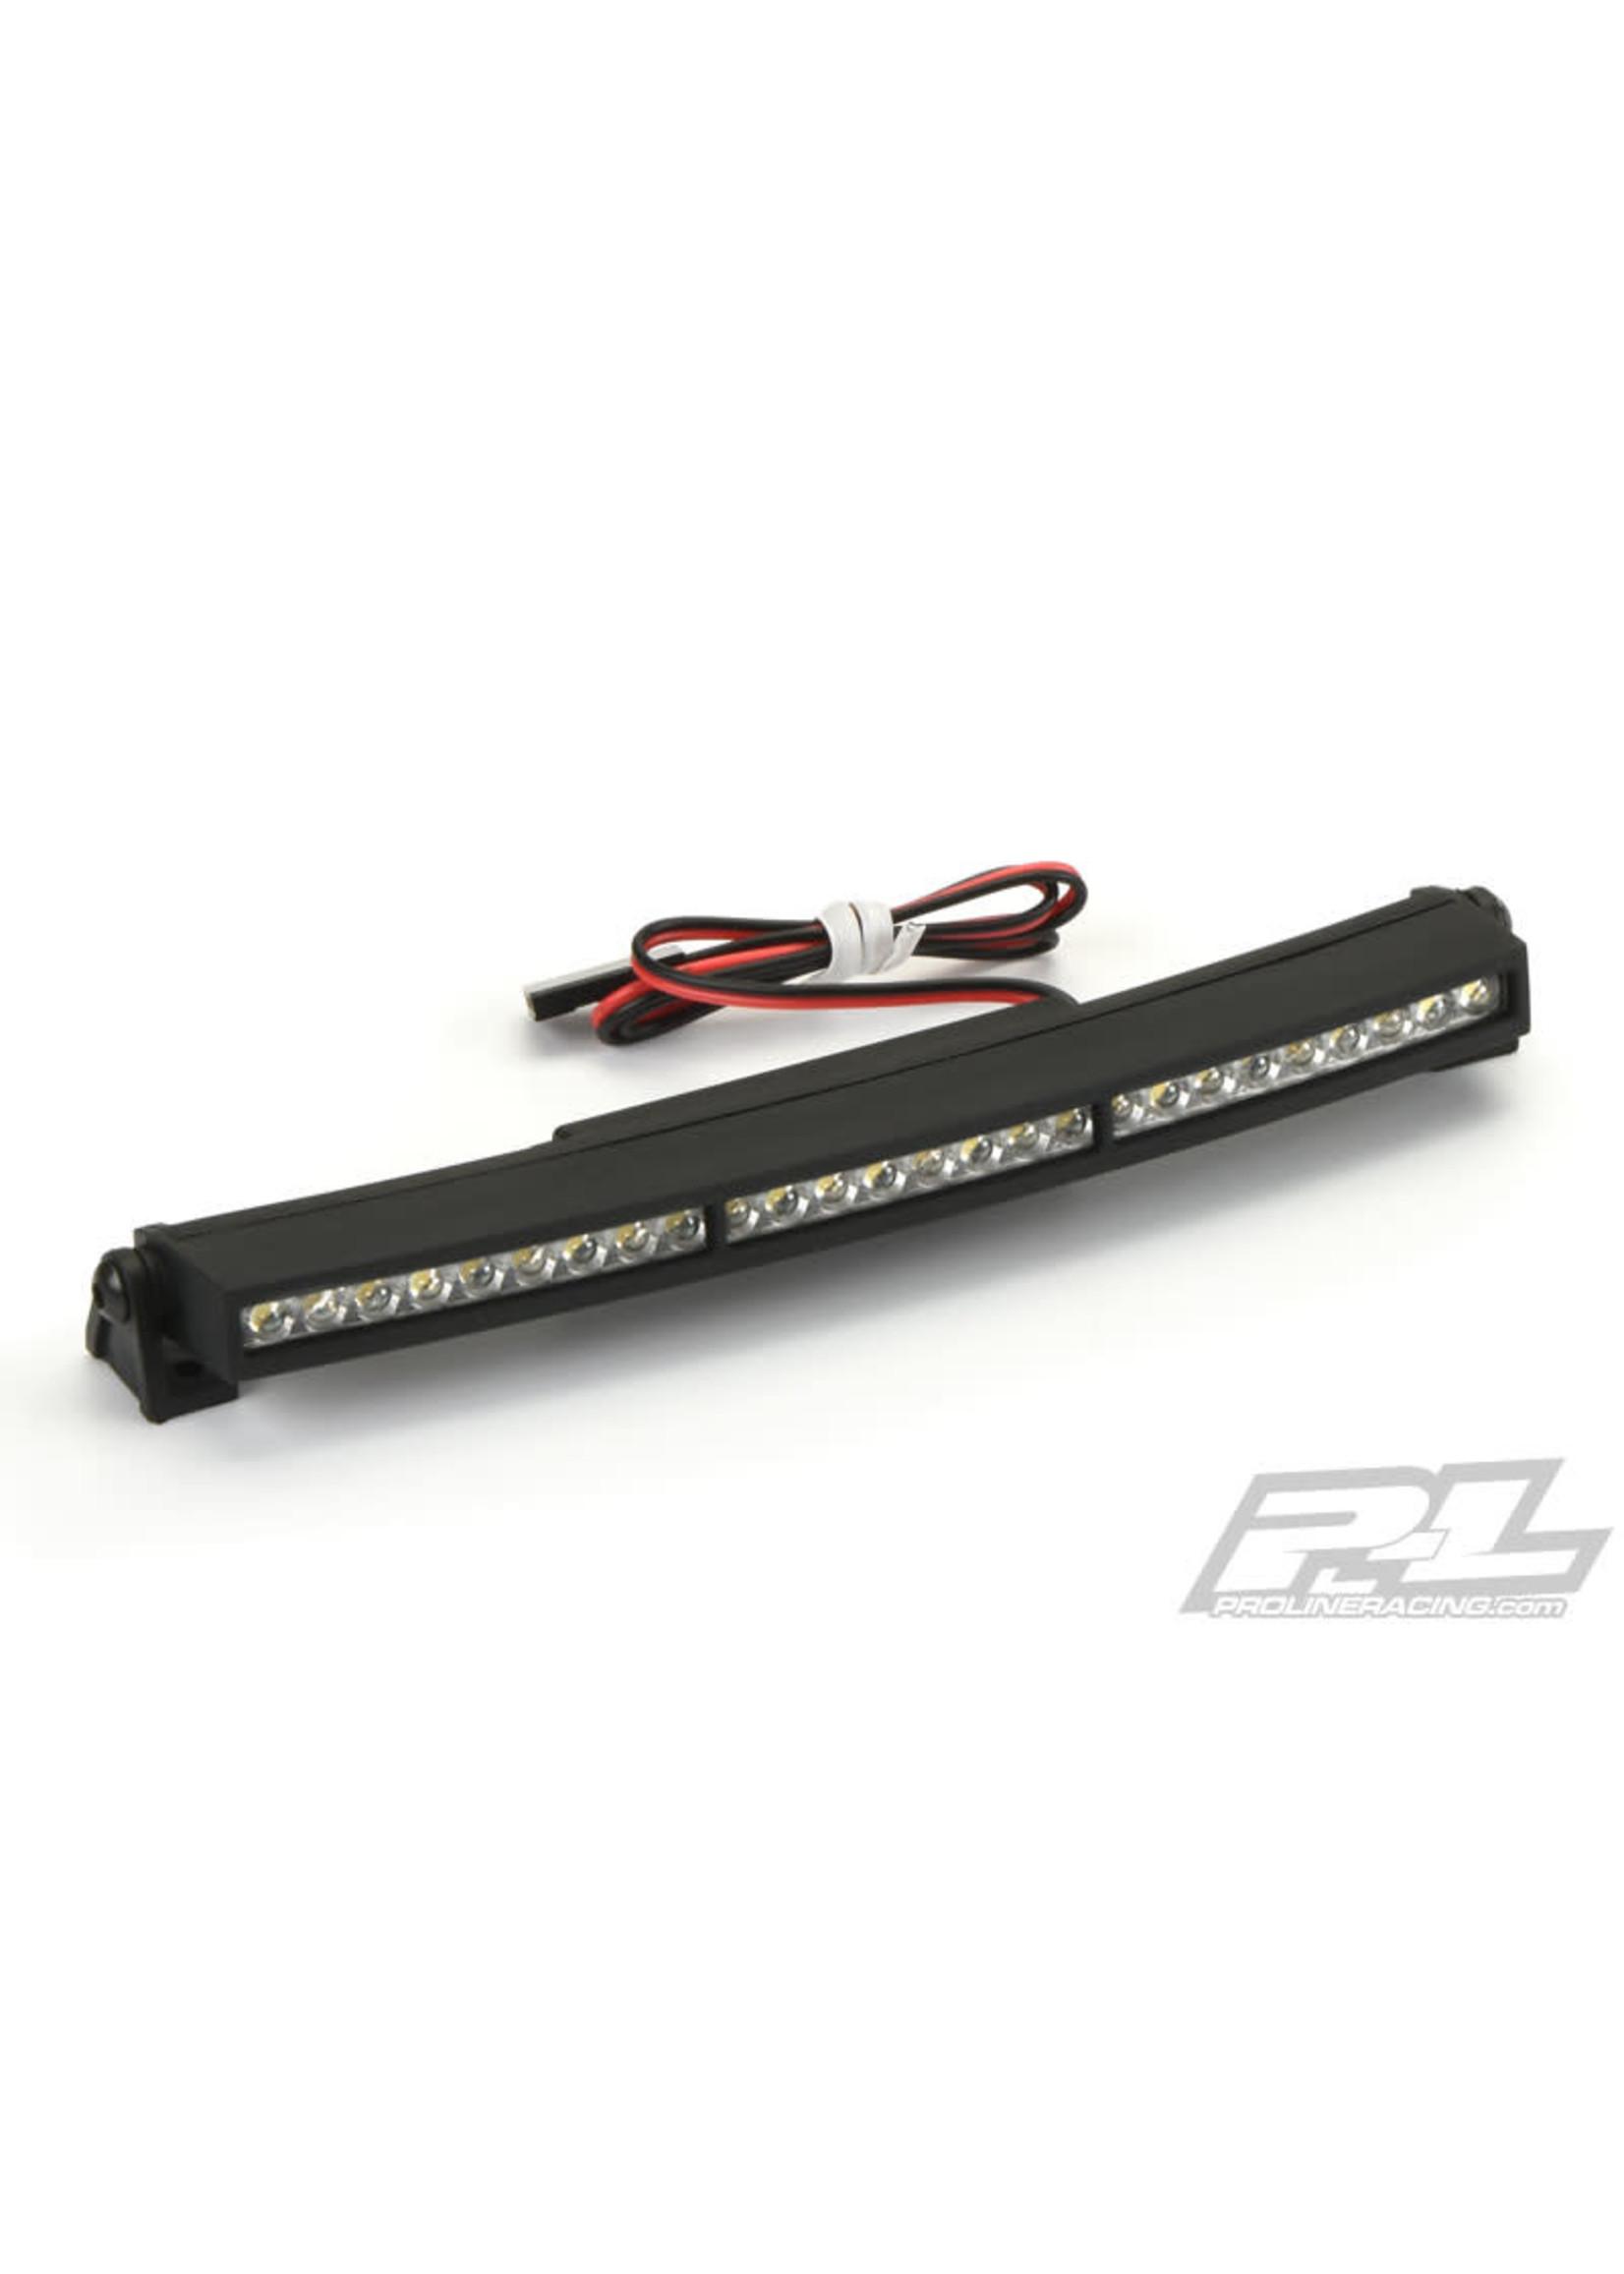 Pro-Line Racing PRO6276-03 Pro-Line 5'' LED Light Bar 6V-12V Curved: SC & 1/8